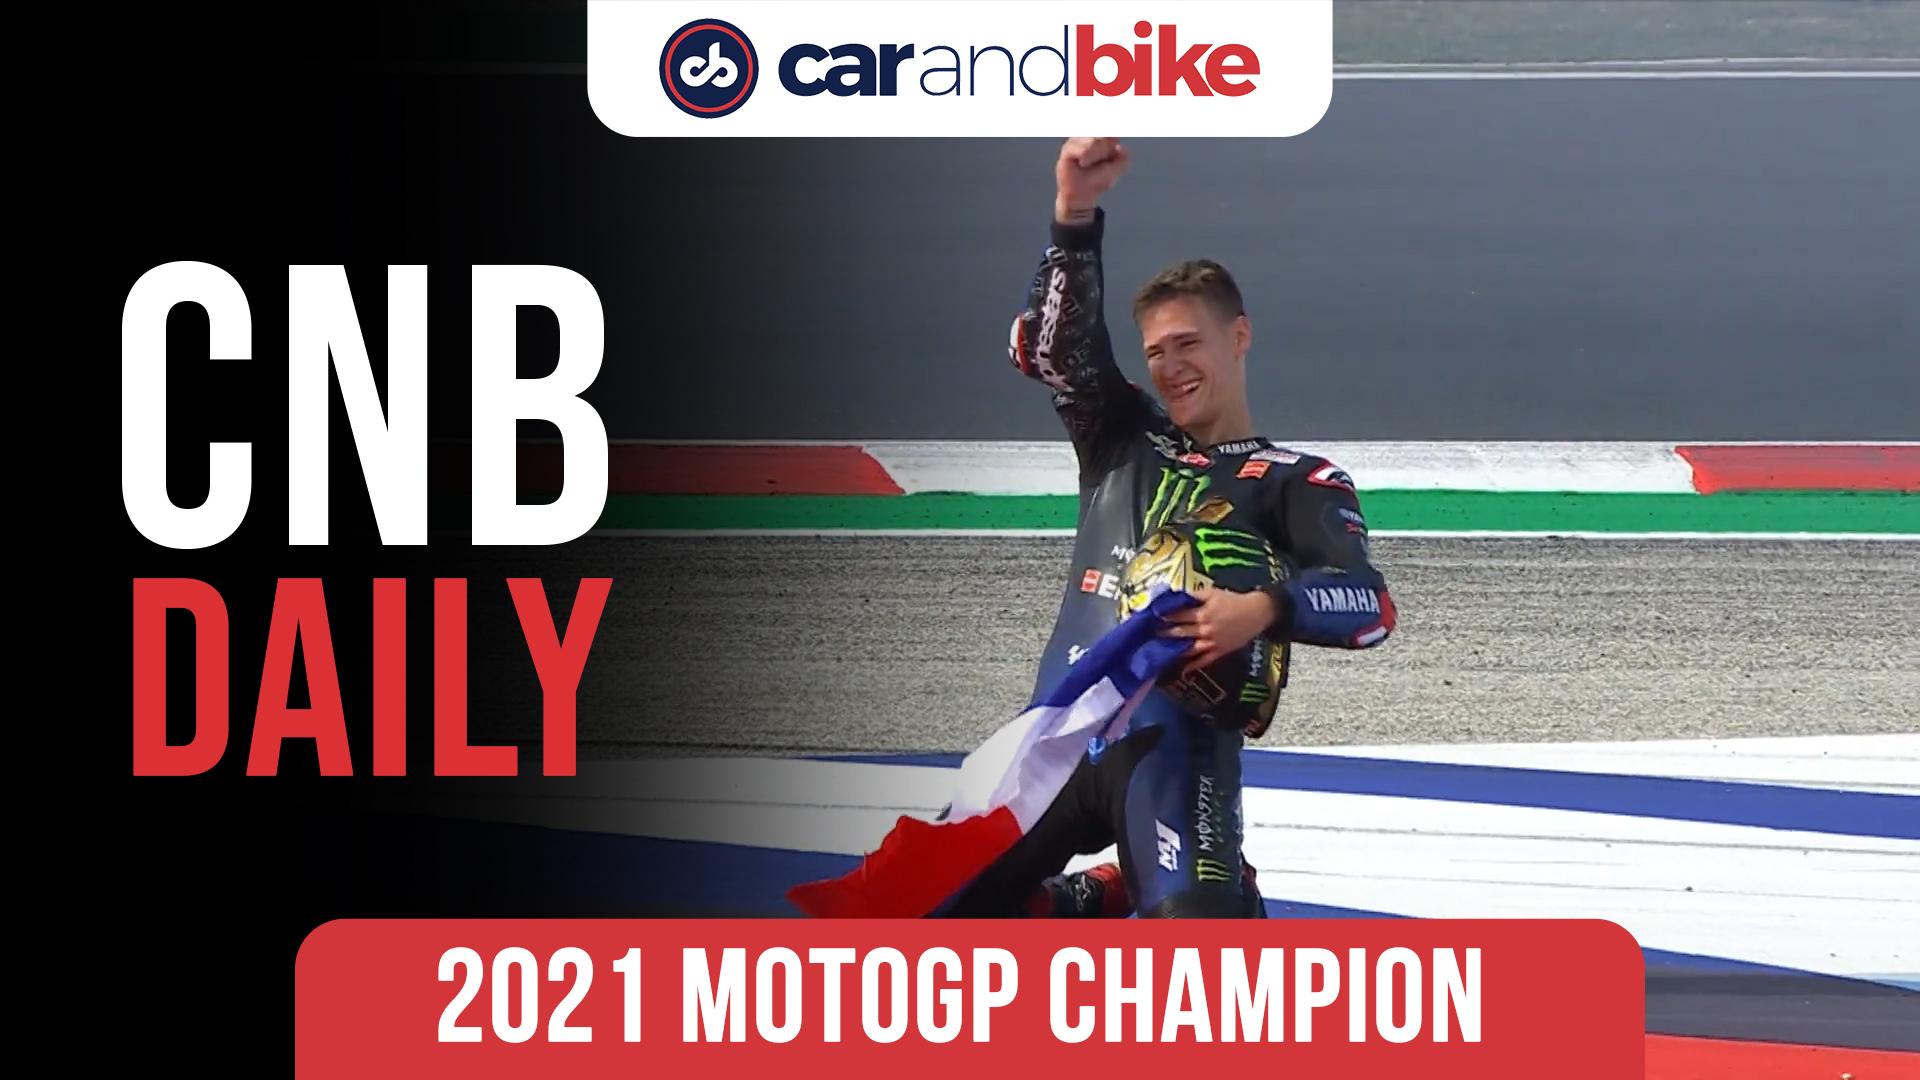 Fabio Quartararo Crowned 2021 MotoGP Champion